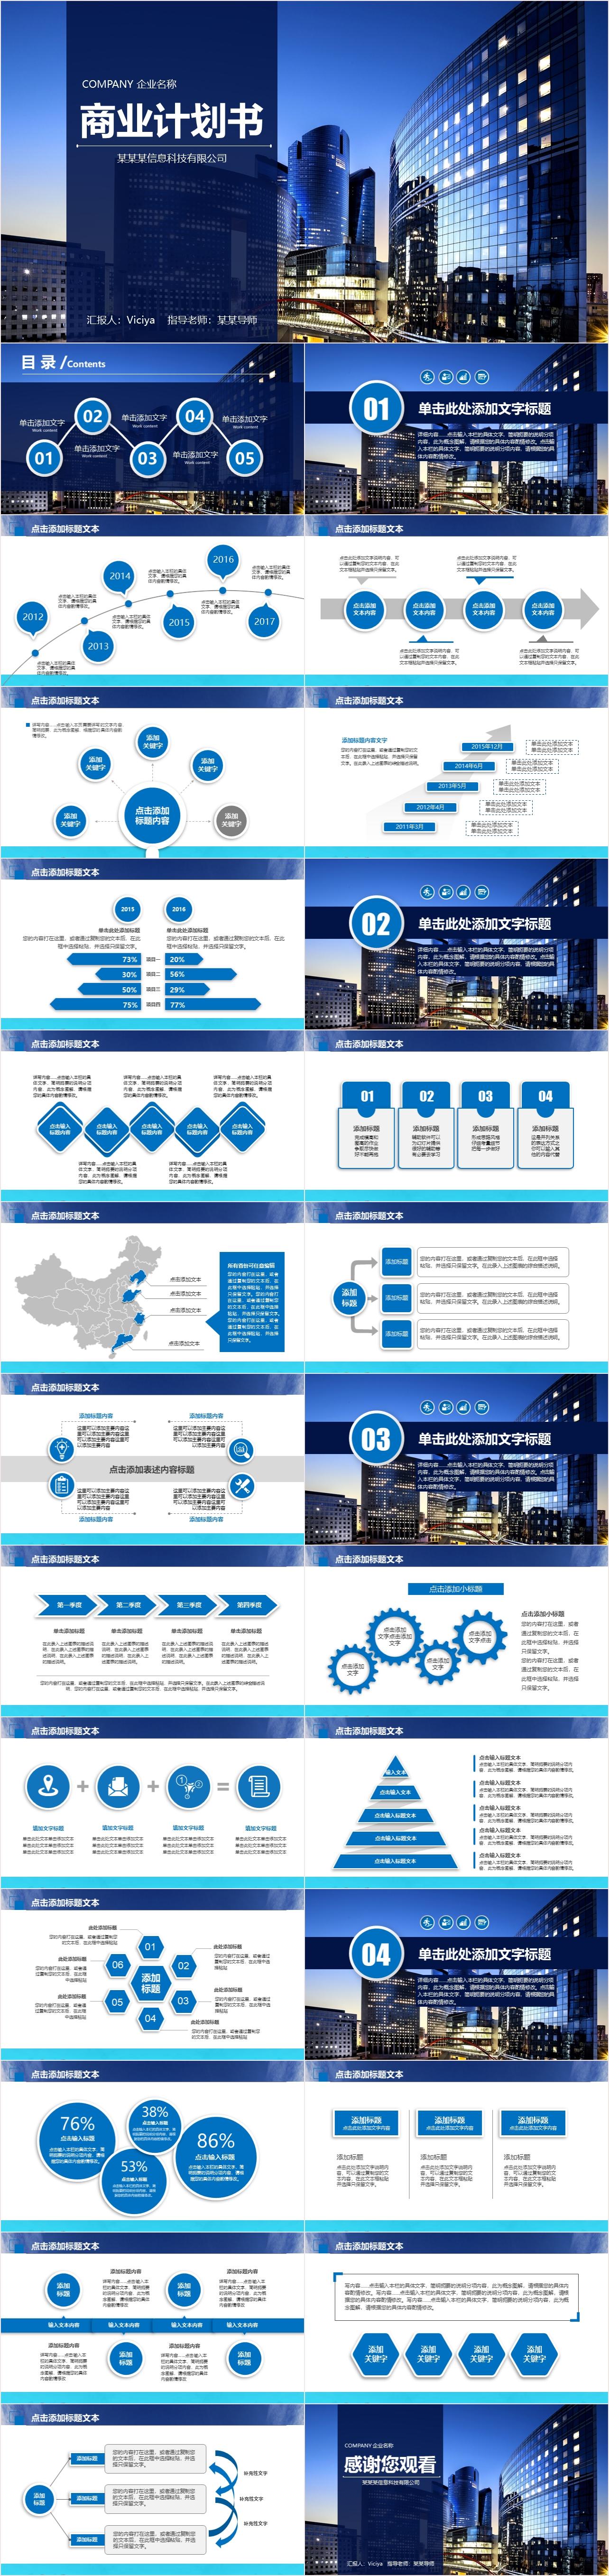 VC0023 商業計劃PPT模板